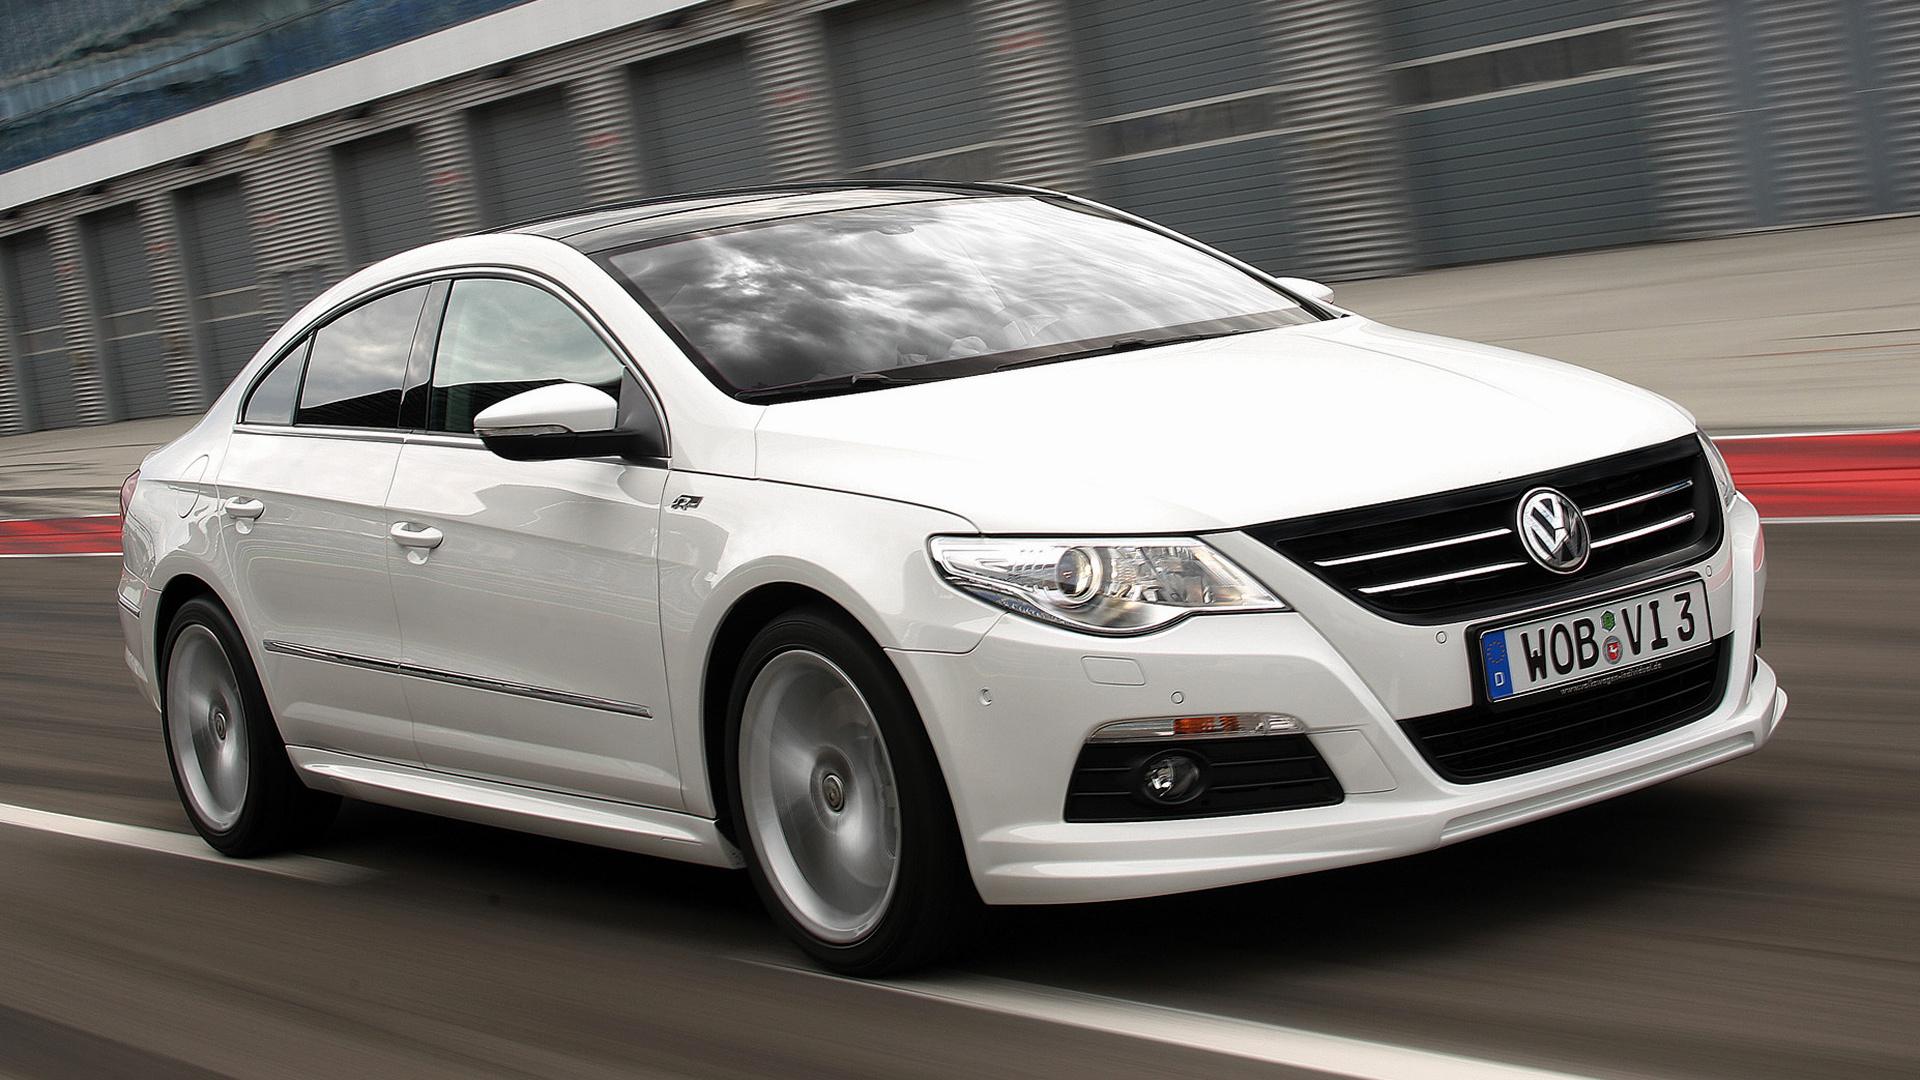 Volkswagen Passat CC R-Line (2009) Wallpapers and HD ...